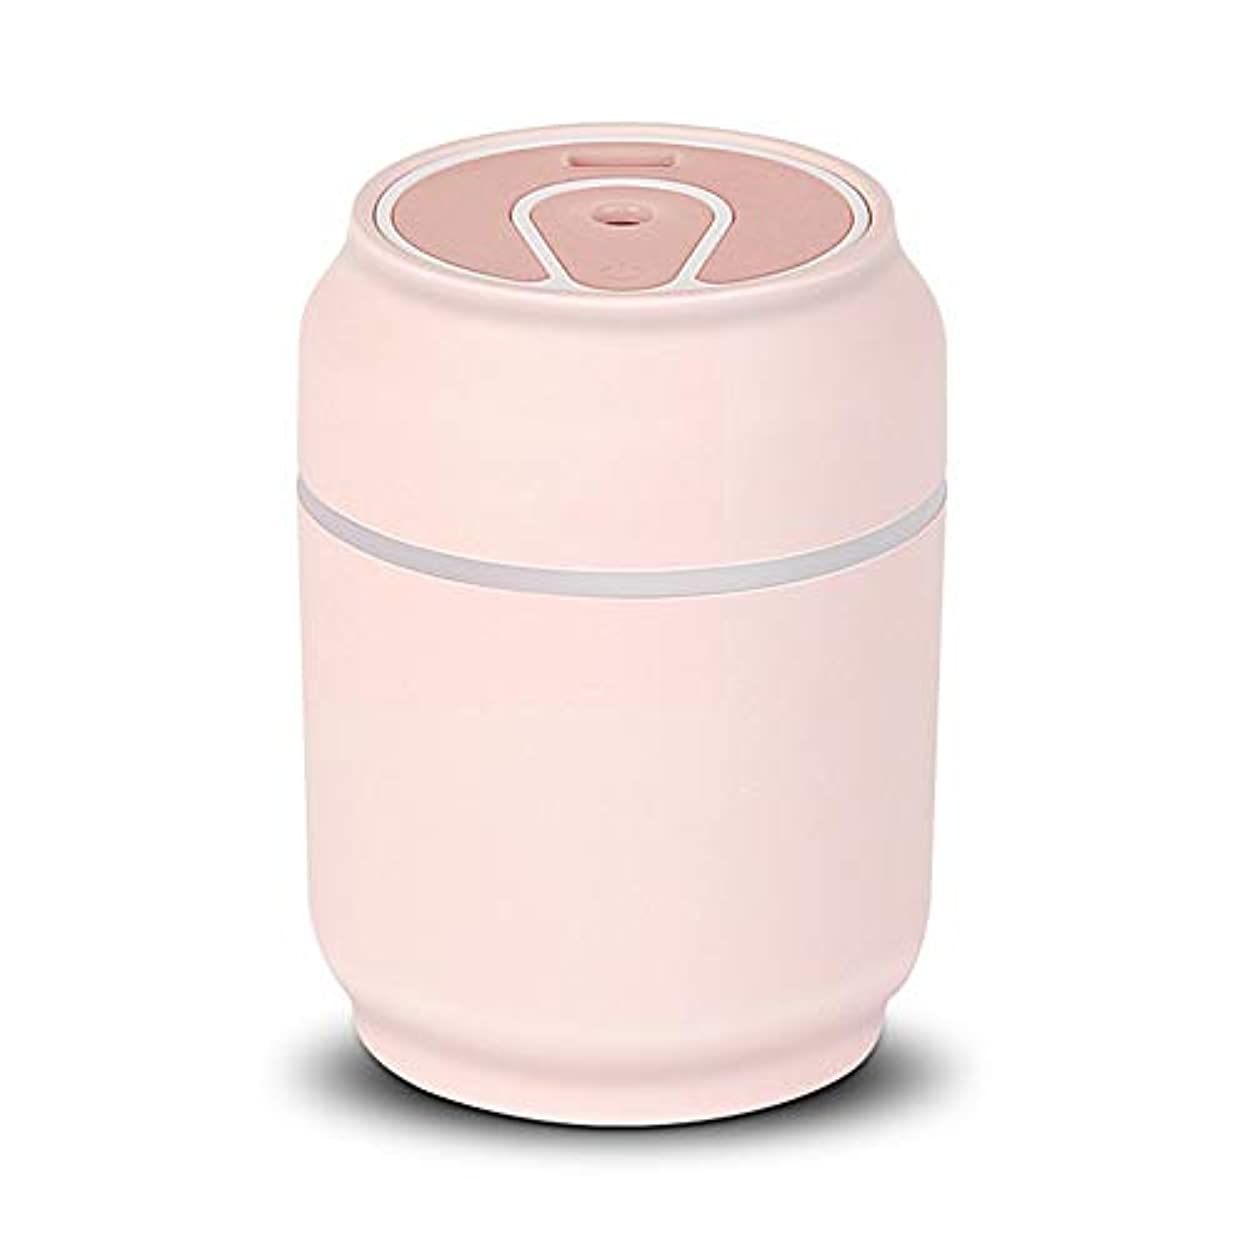 再編成する混合震えZXF 新しいクリエイティブ缶シェイプUSB充電加湿器ミュート漫画ミニASB素材ナイトライトファン3つ1つの水分補給器具蒸し顔黒緑ピンク黄色 滑らかである (色 : Pink)